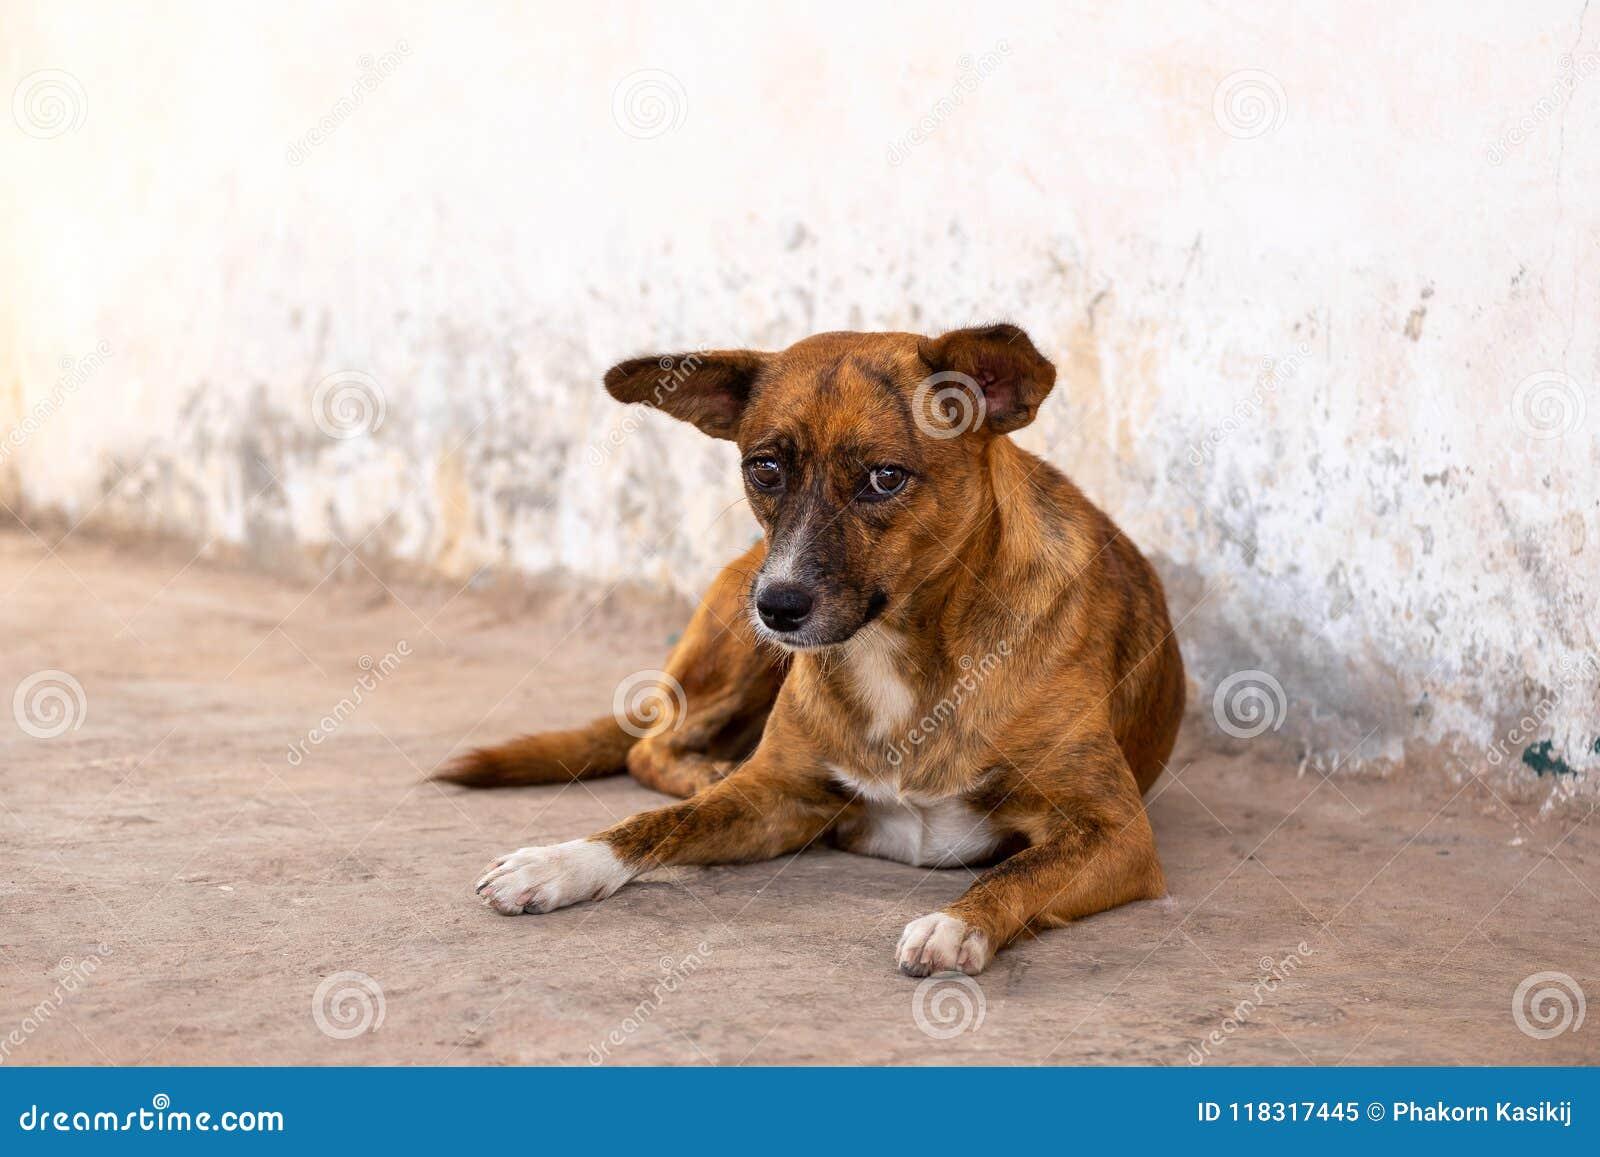 Плохая и несчастная бездомная собака